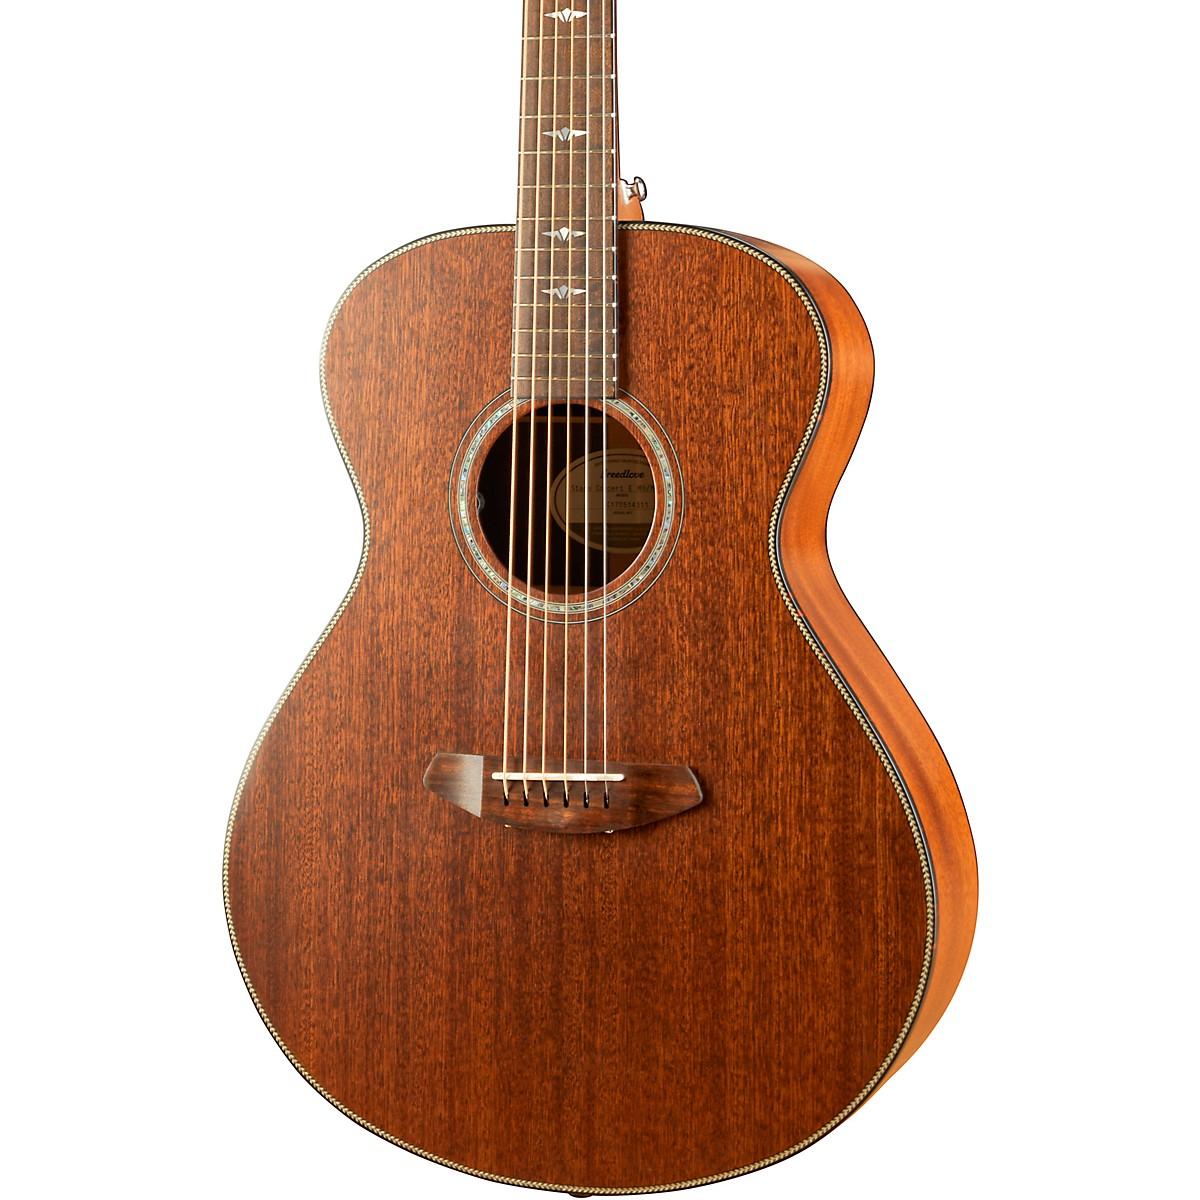 Breedlove Stage Series Concert E Mahogany-Mahogany LTD Acoustic-Electric Guitar